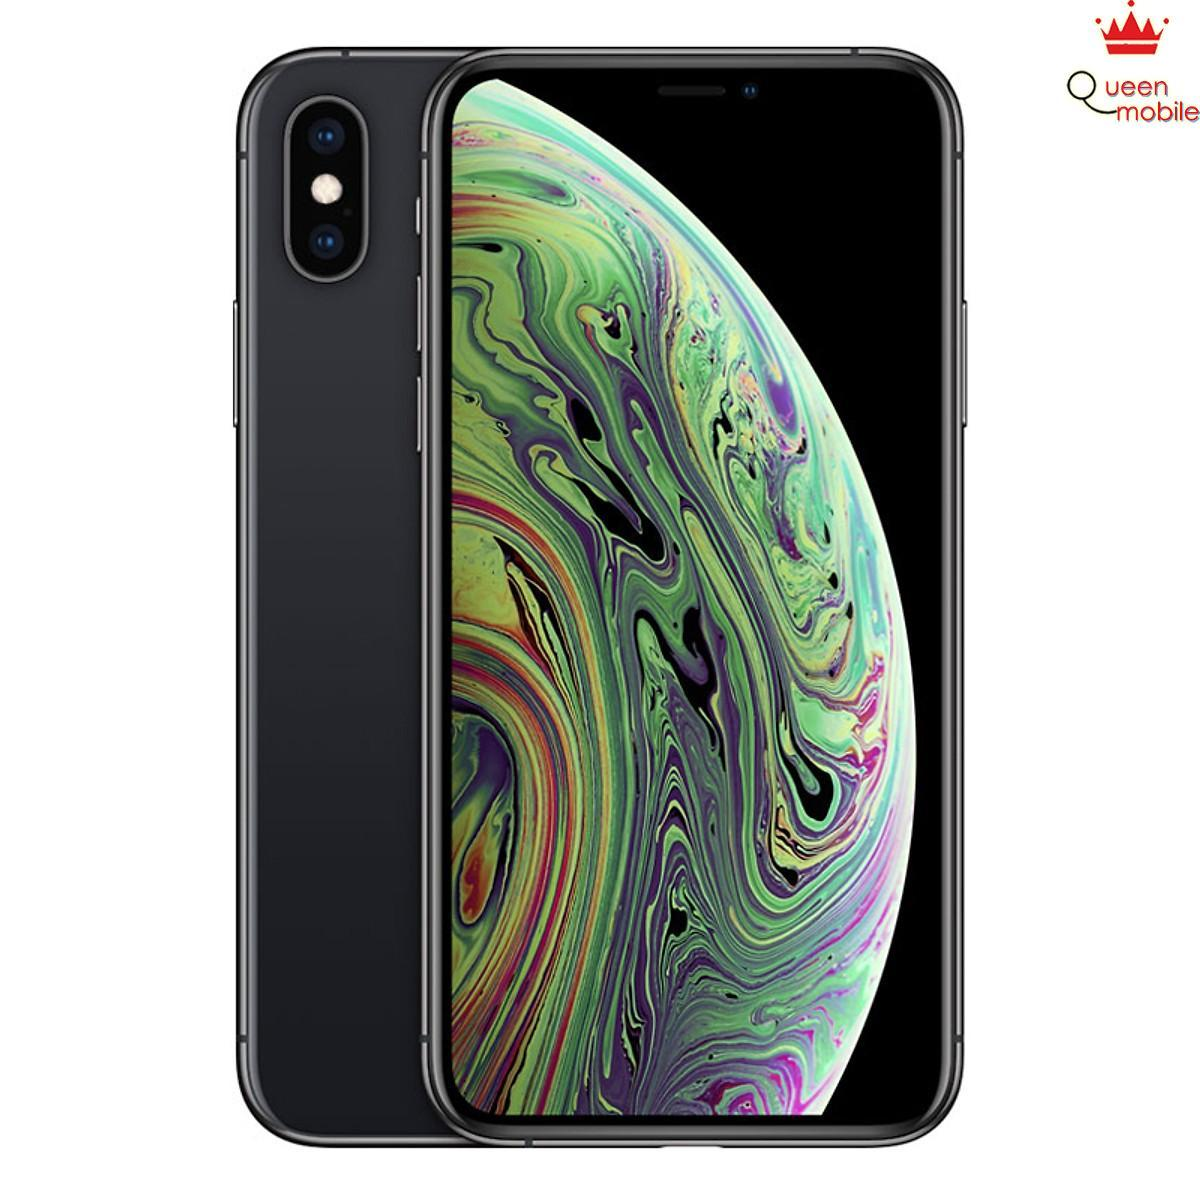 Điện Thoại Iphone XS Max 512GB - Nhập Khẩu